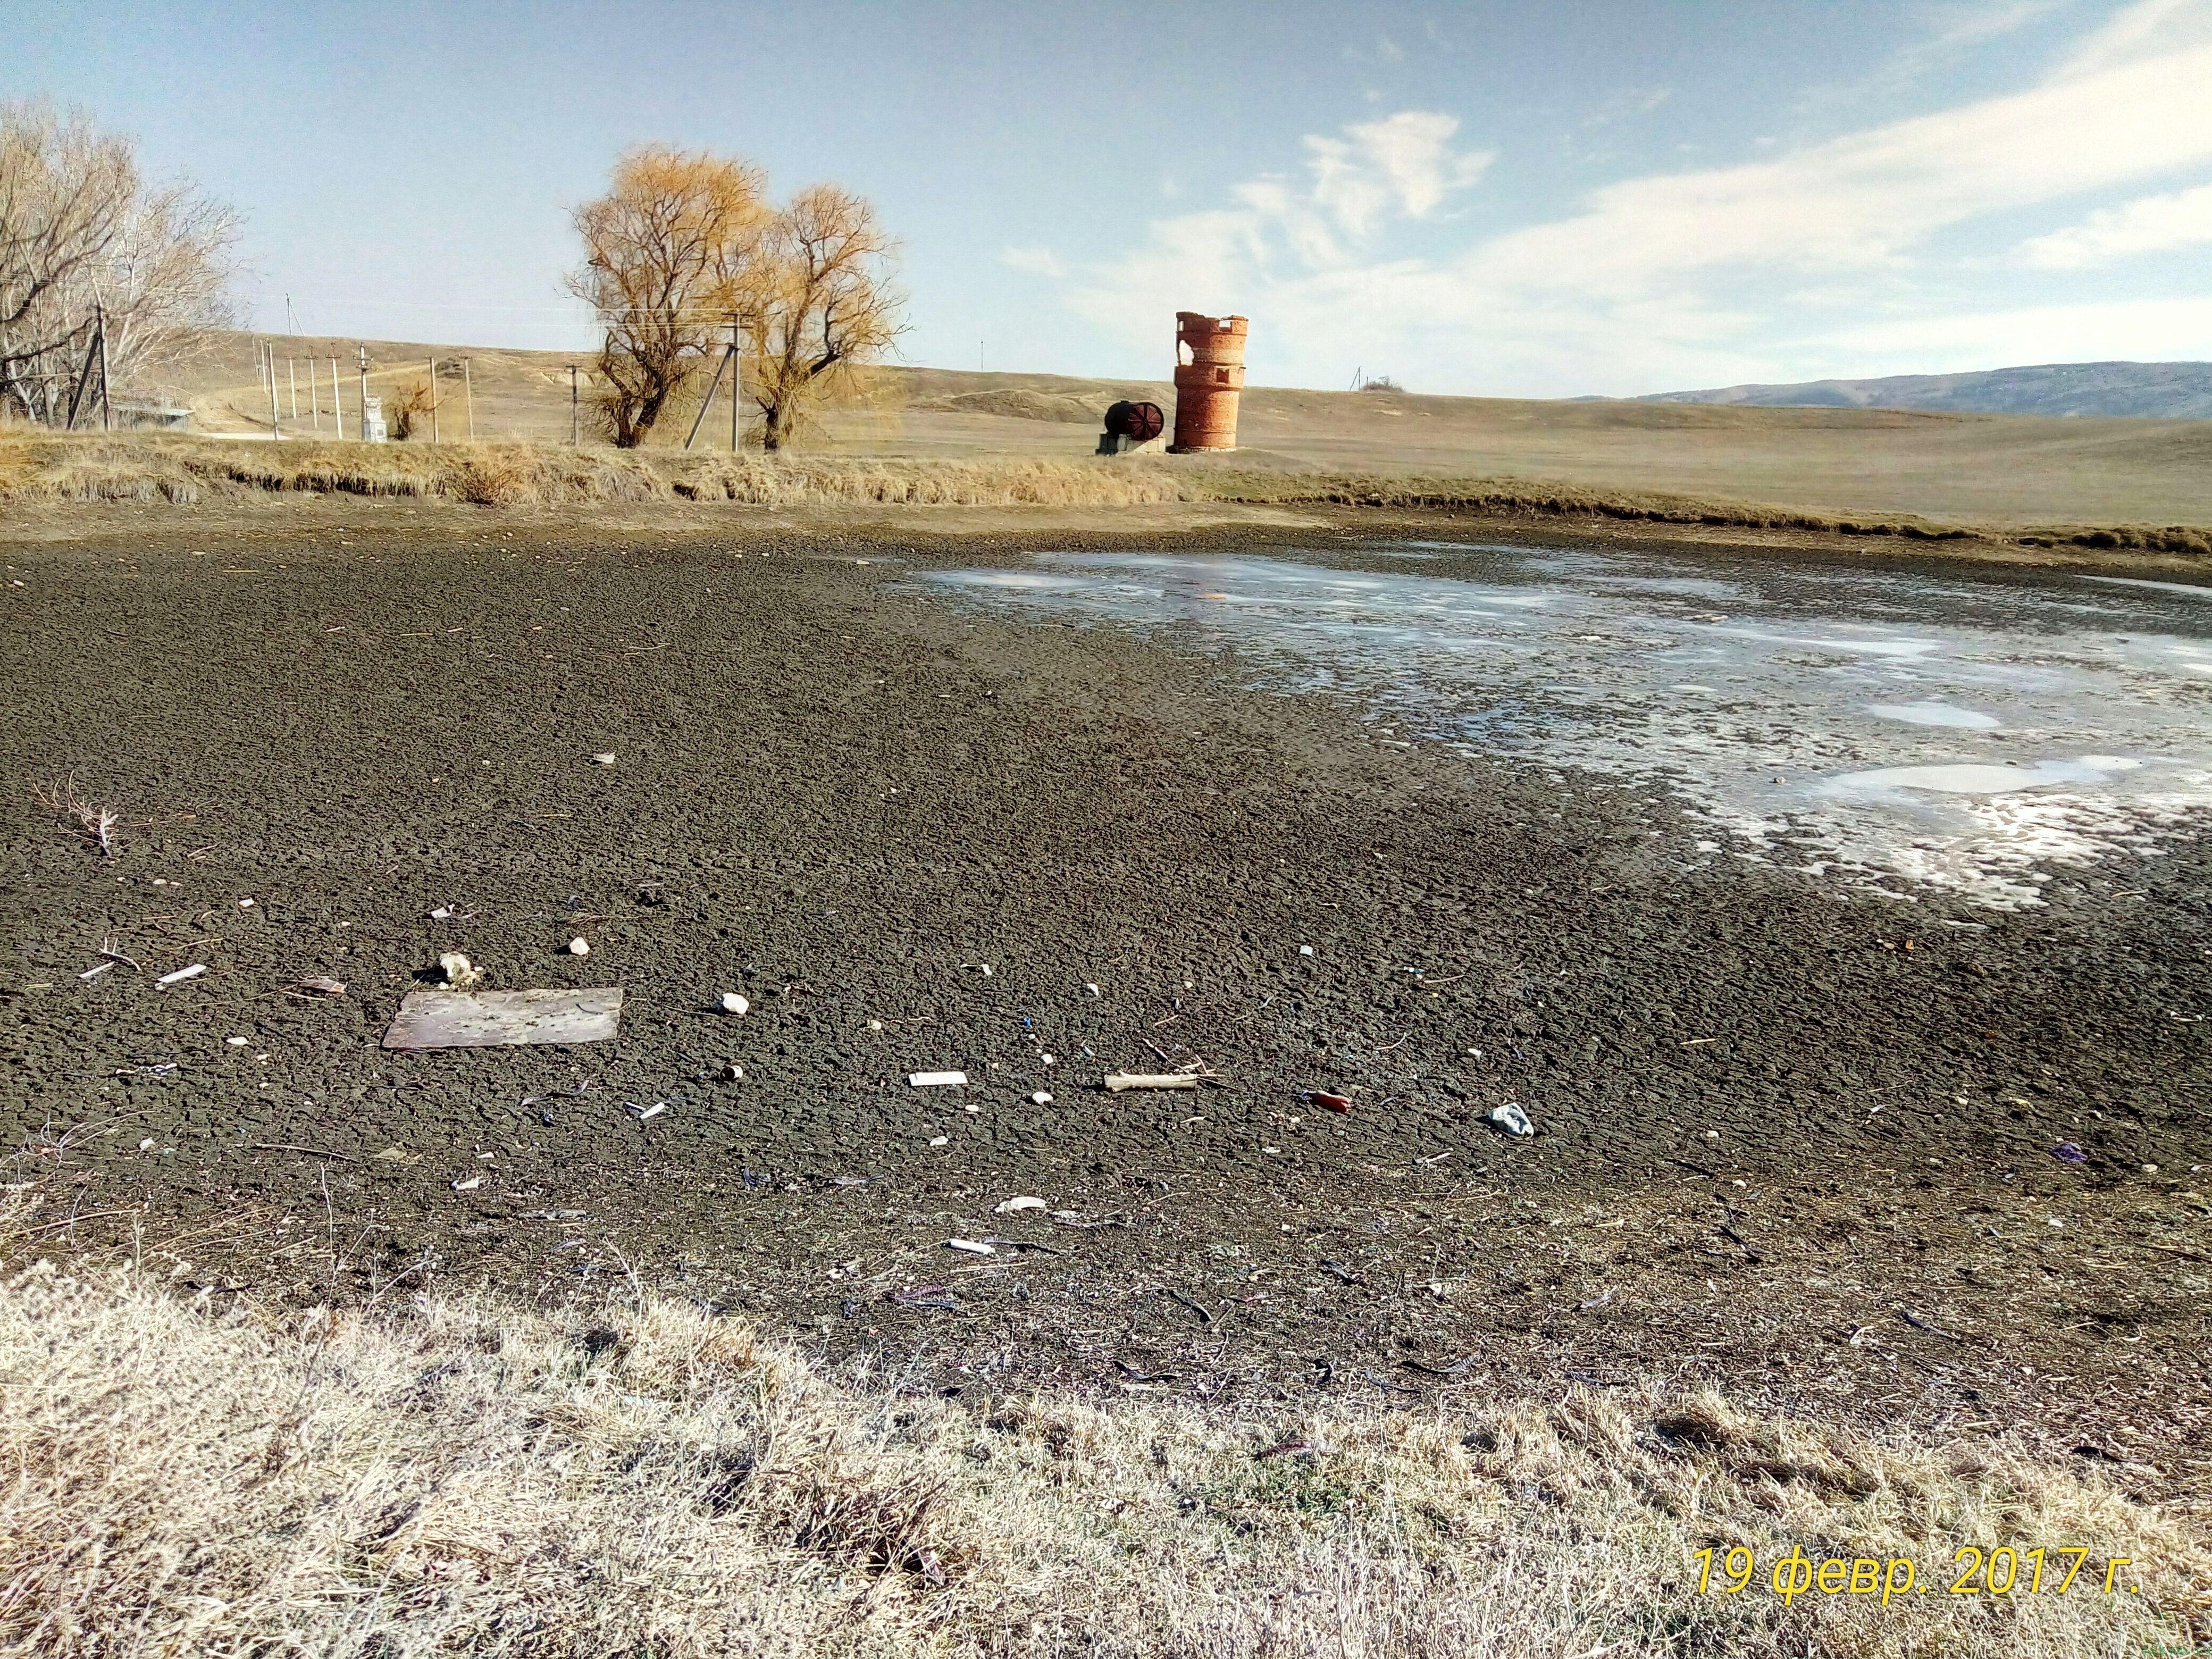 Выходной день: прогулка по водоемам прудам фото заметка о моей реальности в Крыму jokya.ru